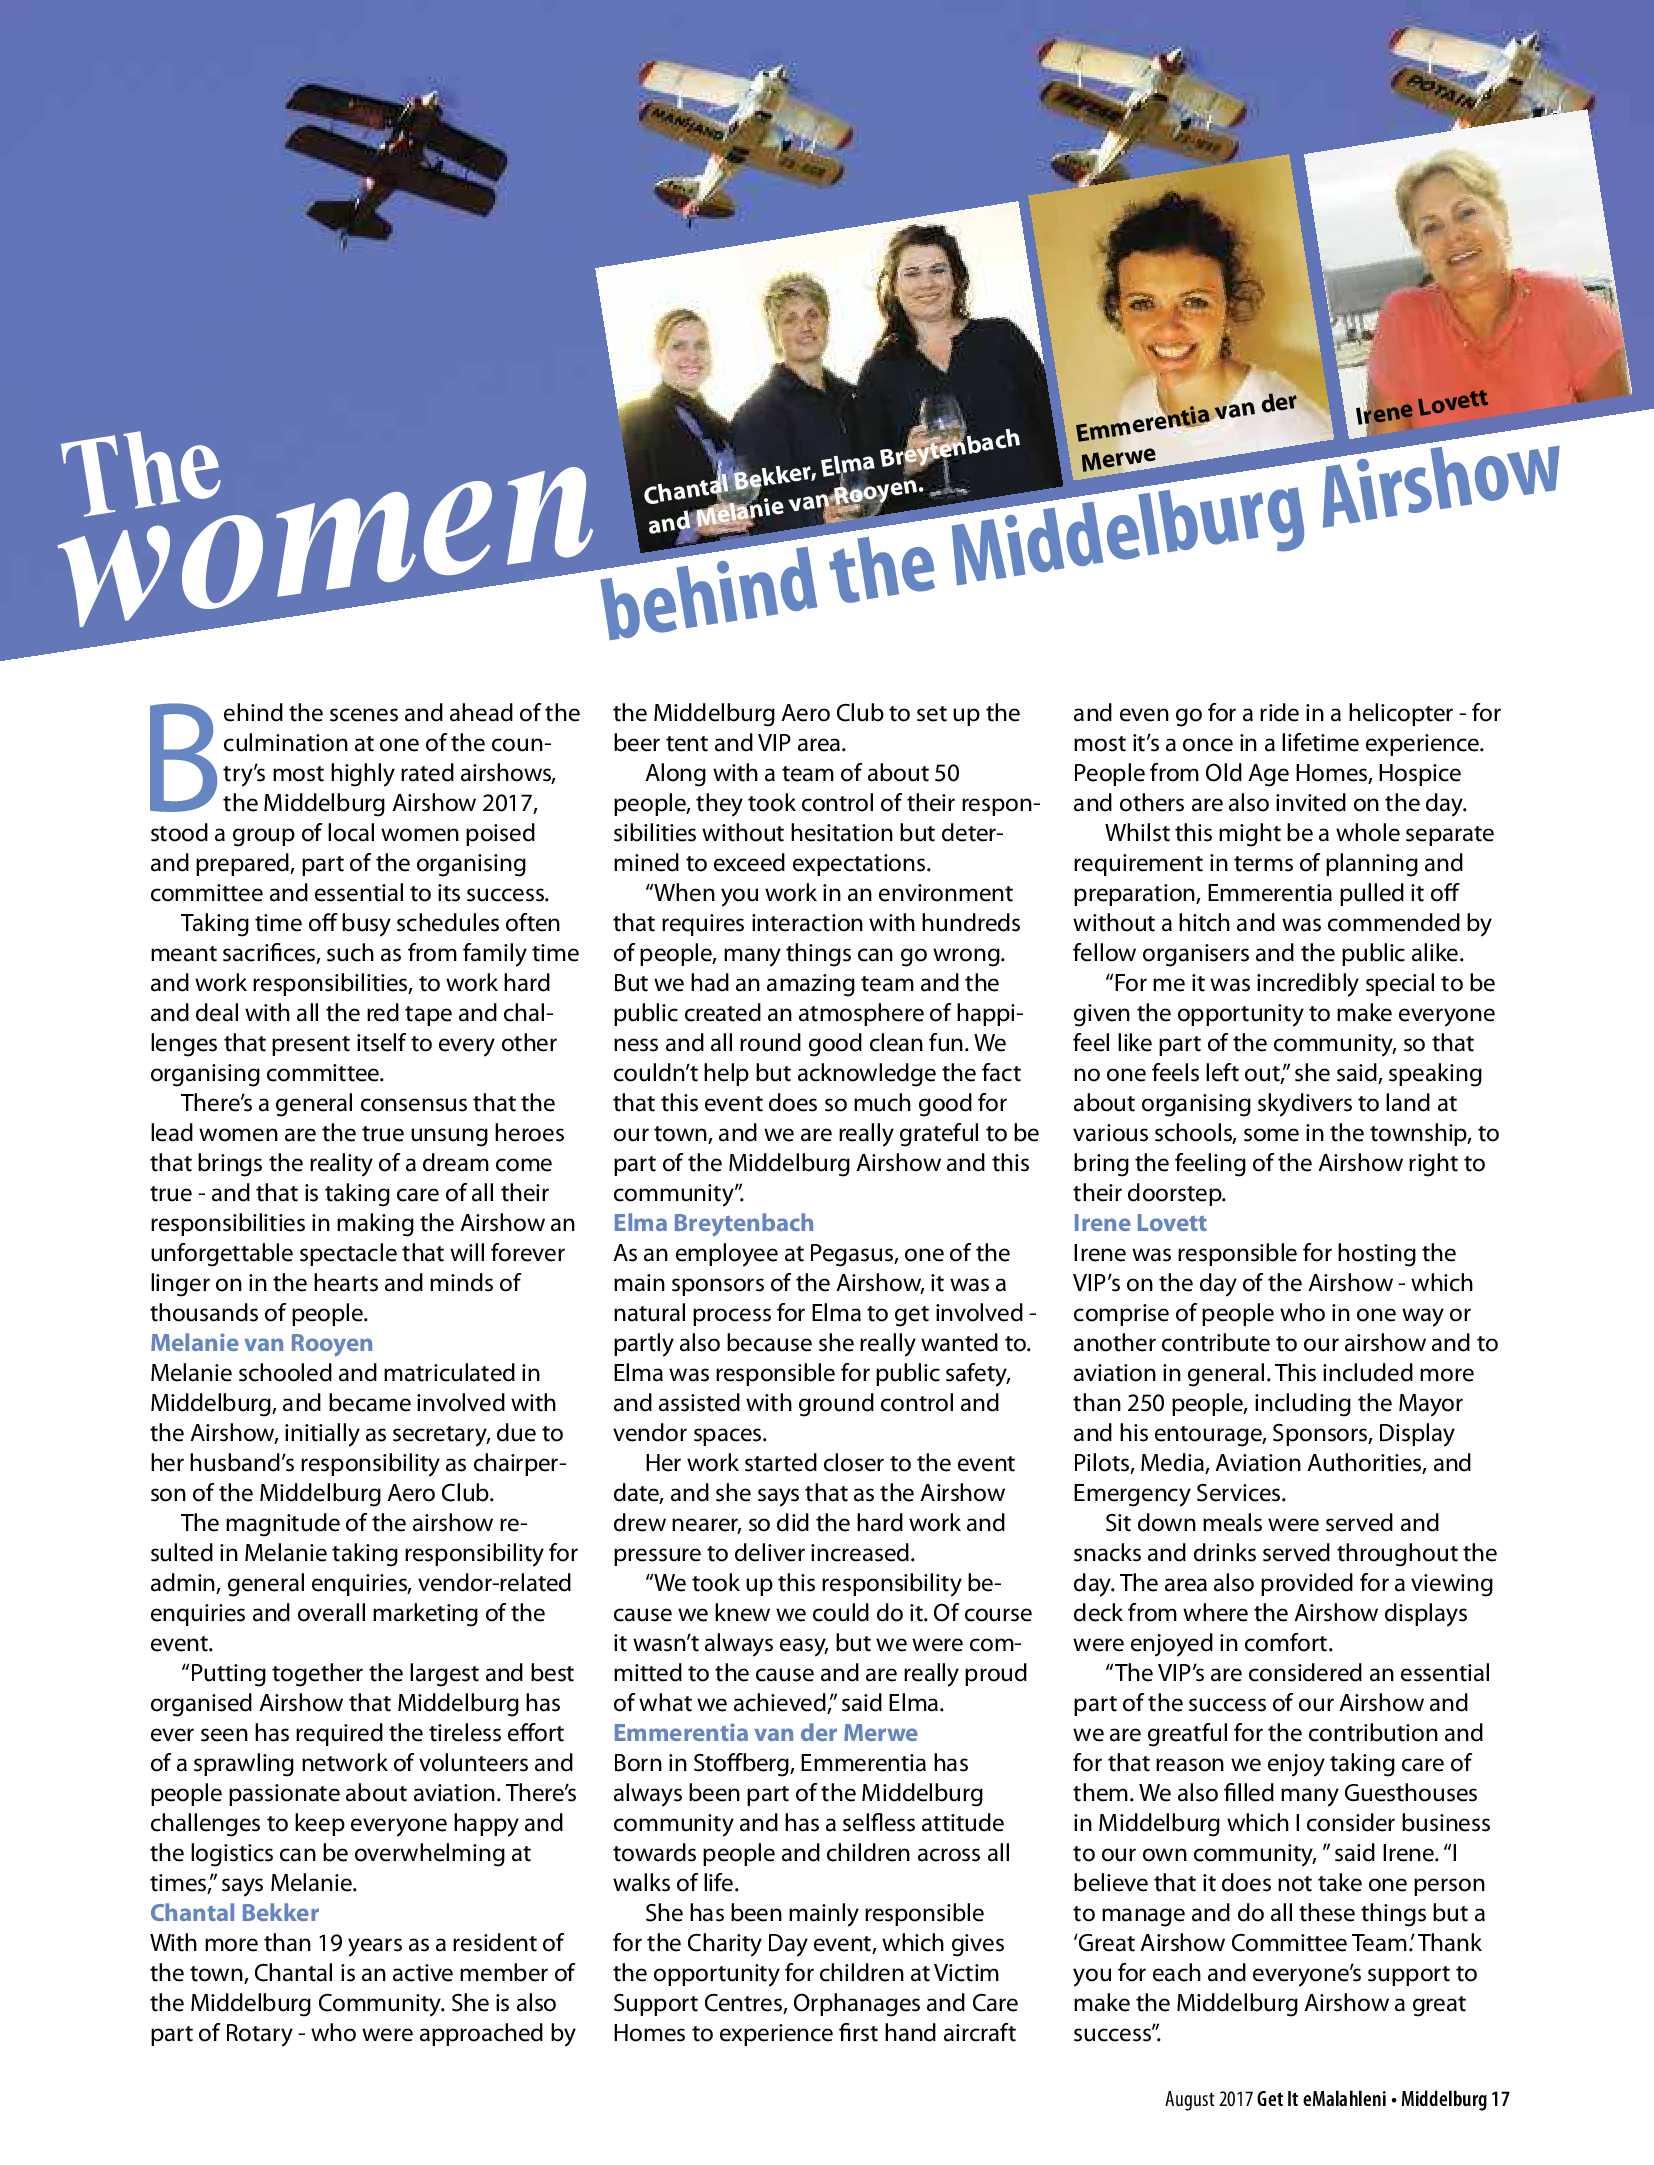 get-middelburg-august-2017-epapers-page-19